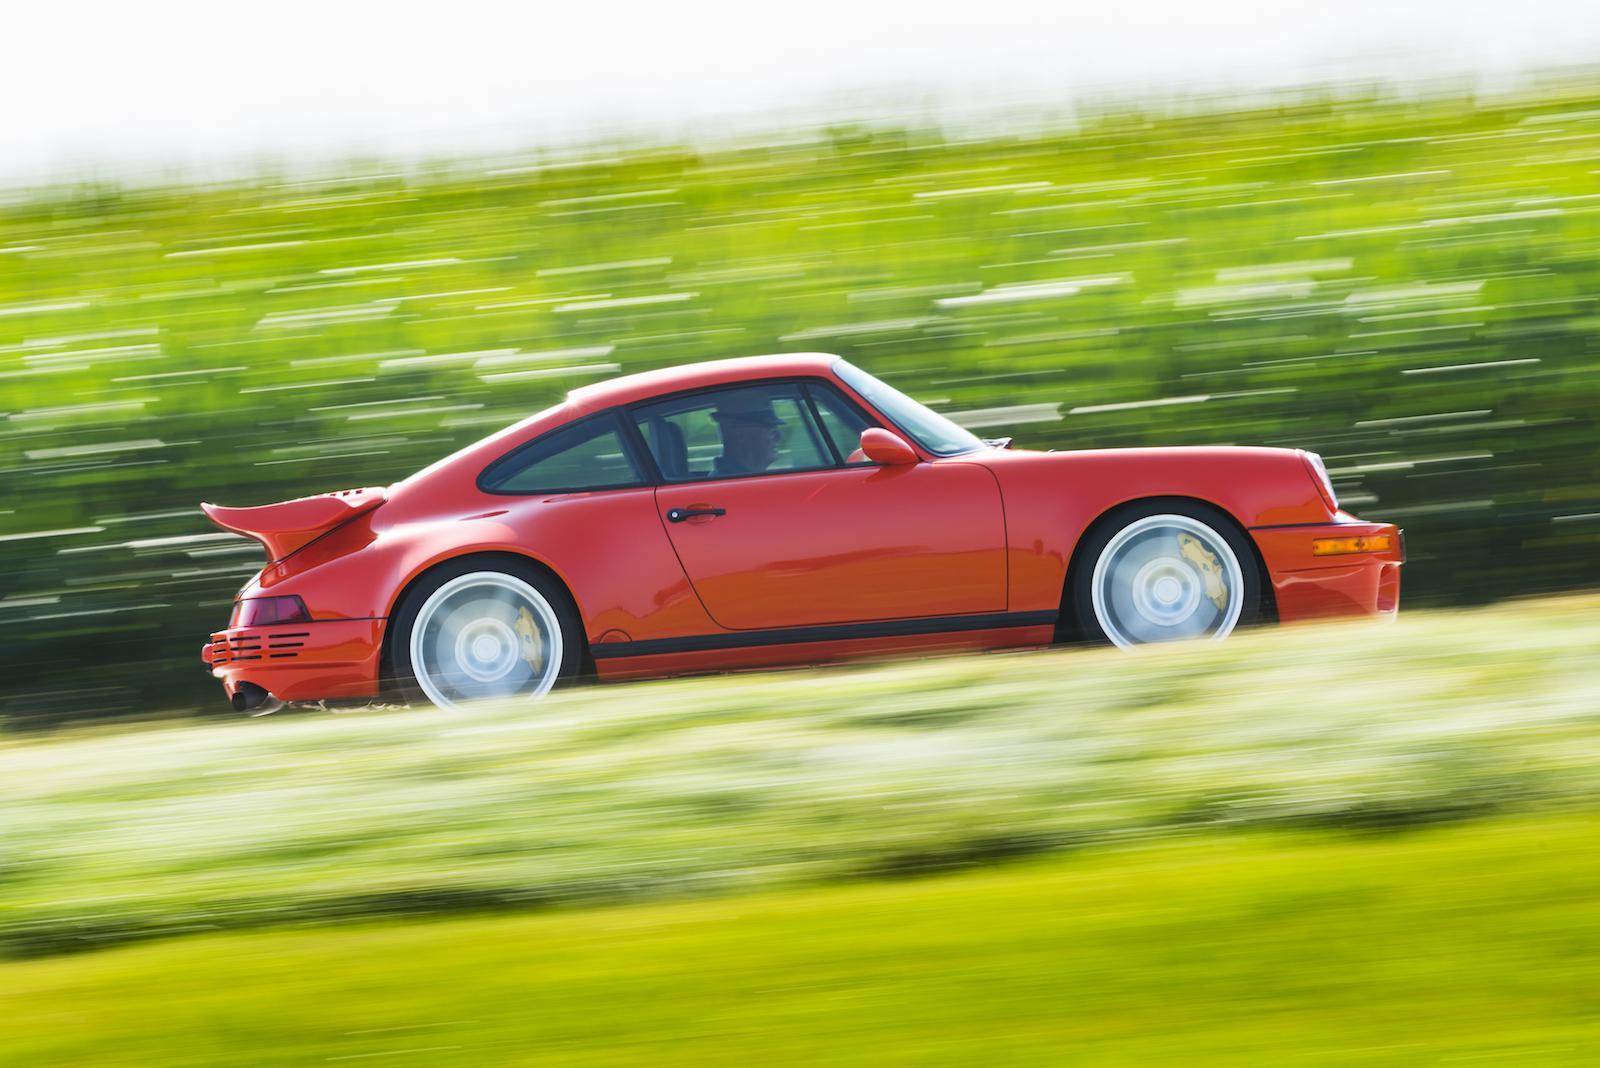 Ruf's new 525bhp SCR 4.2 Porsche